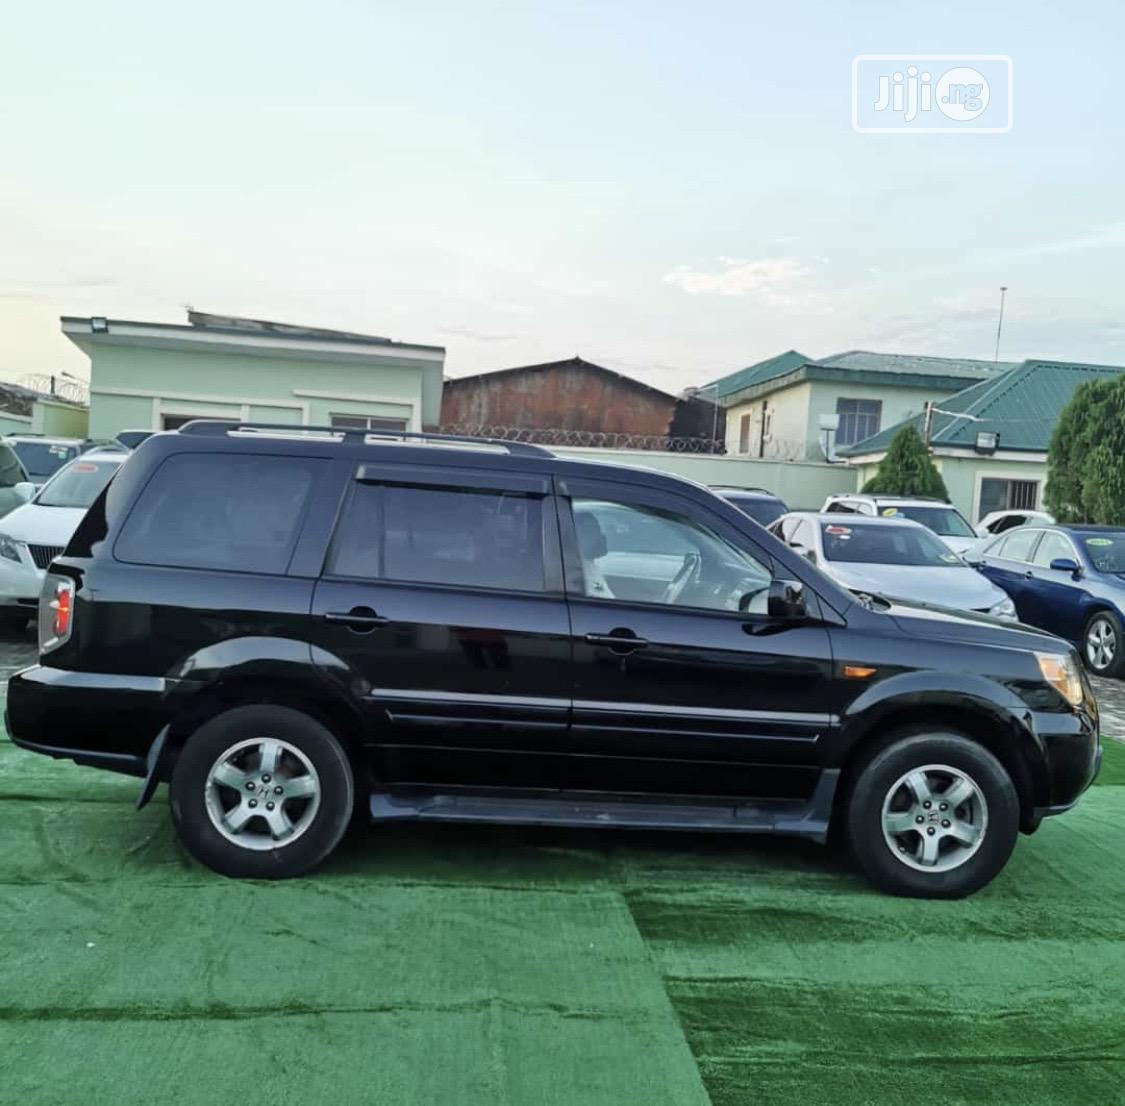 Honda Pilot 2008 EX-L 4x4 (3.5L 6cyl 5A) Black   Cars for sale in Lekki, Lagos State, Nigeria